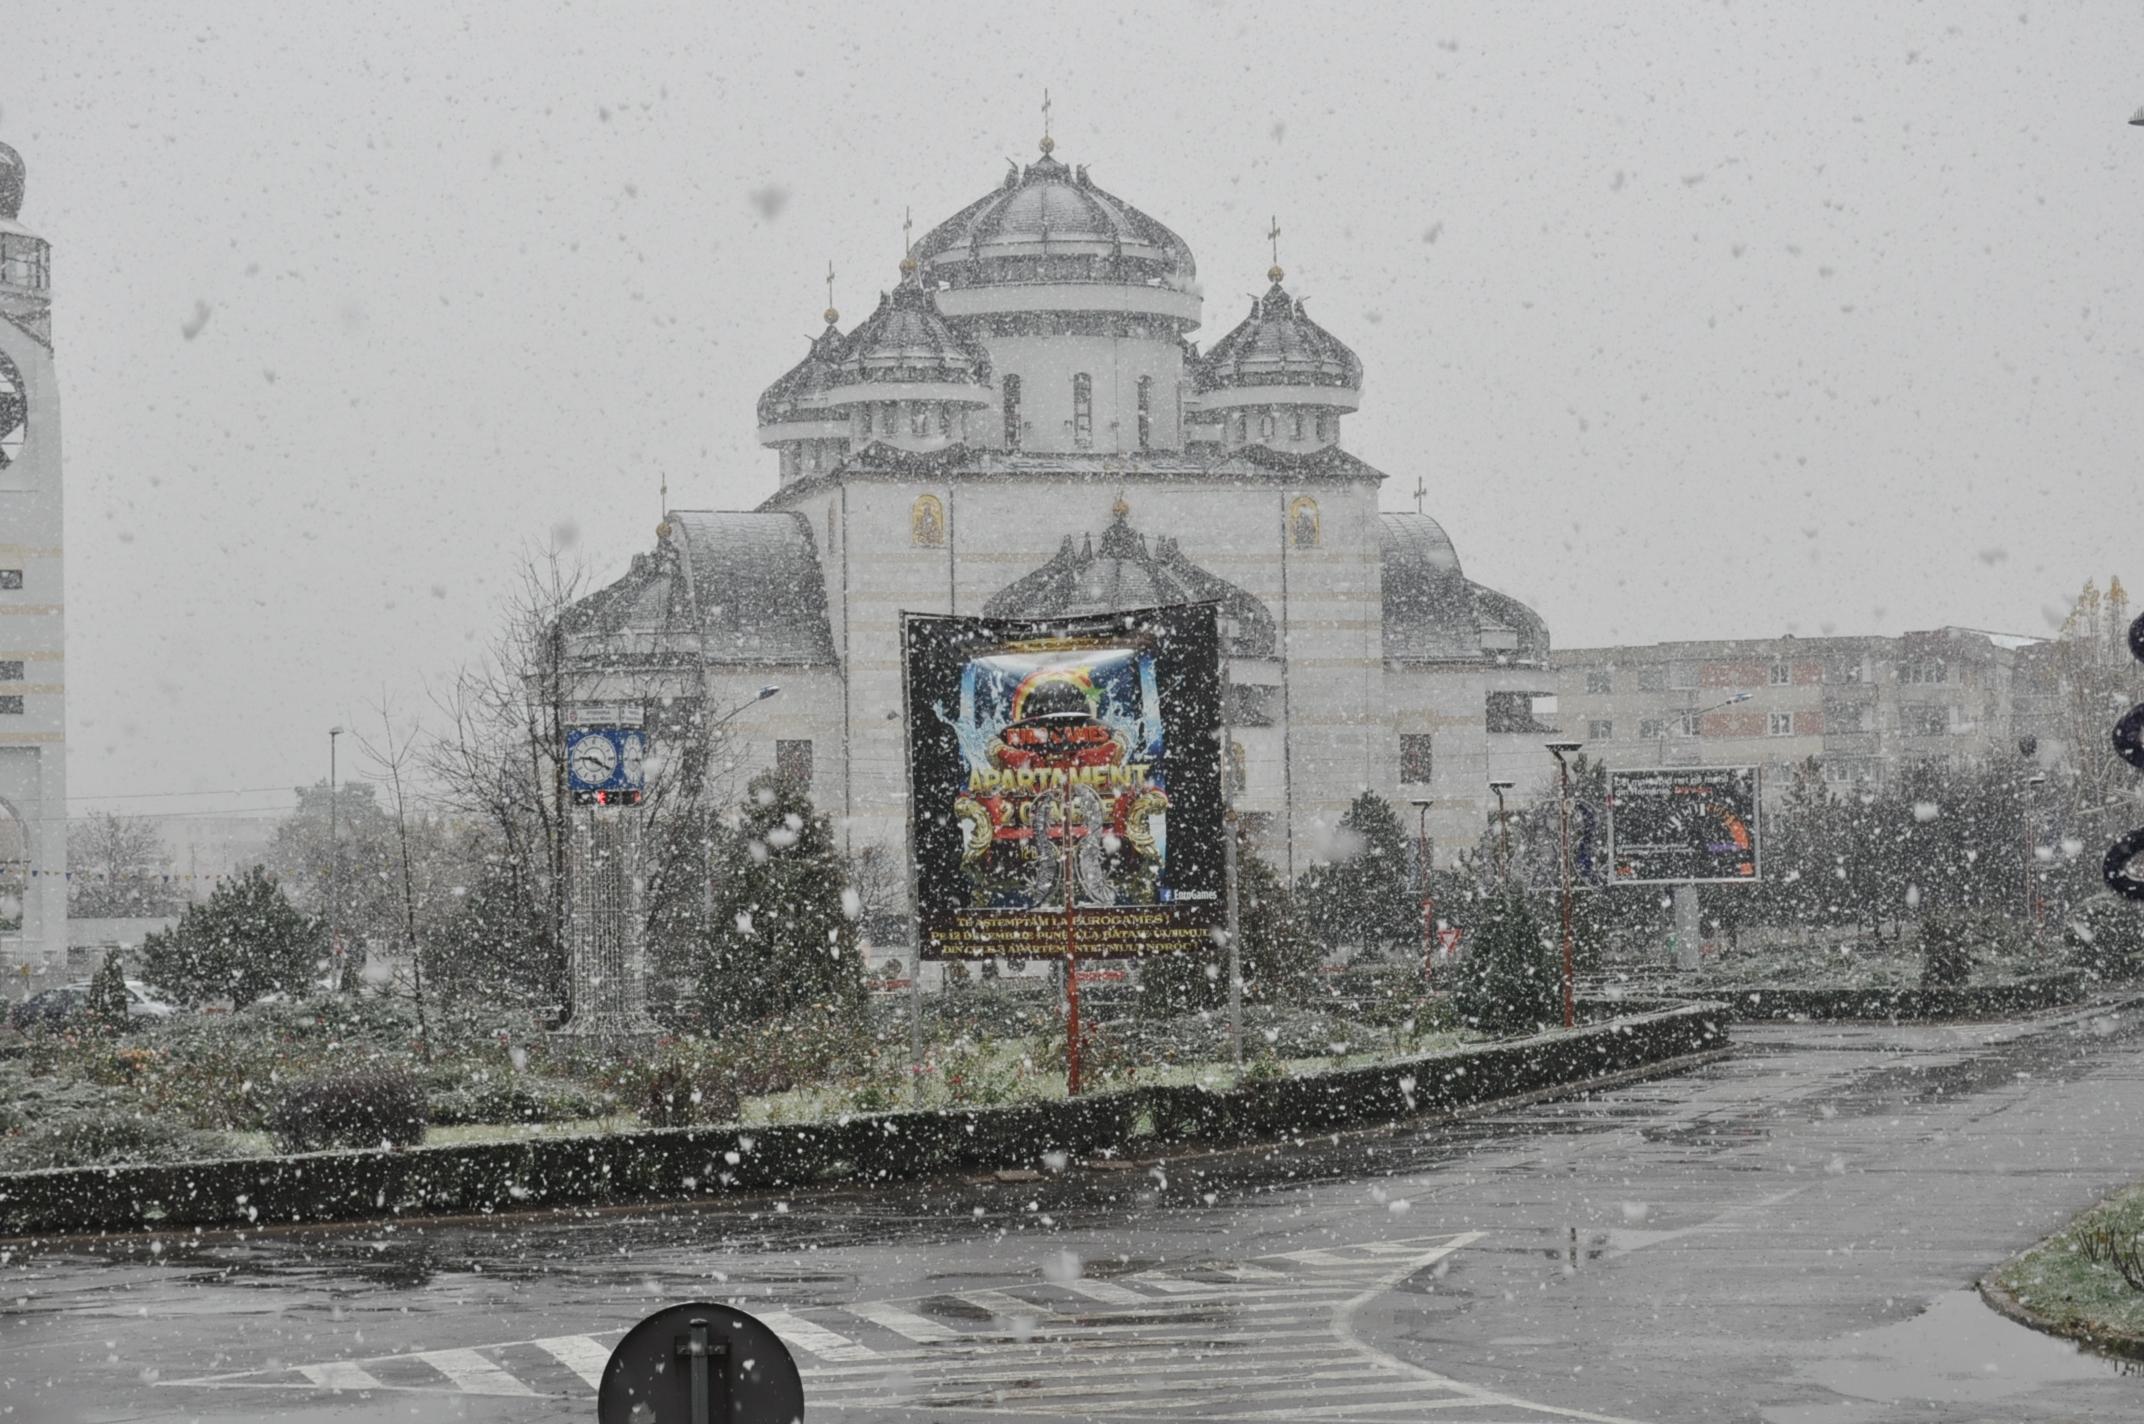 Traficul rutier, în oraşul Mioveni , se desfășoară în condiții de iarnă